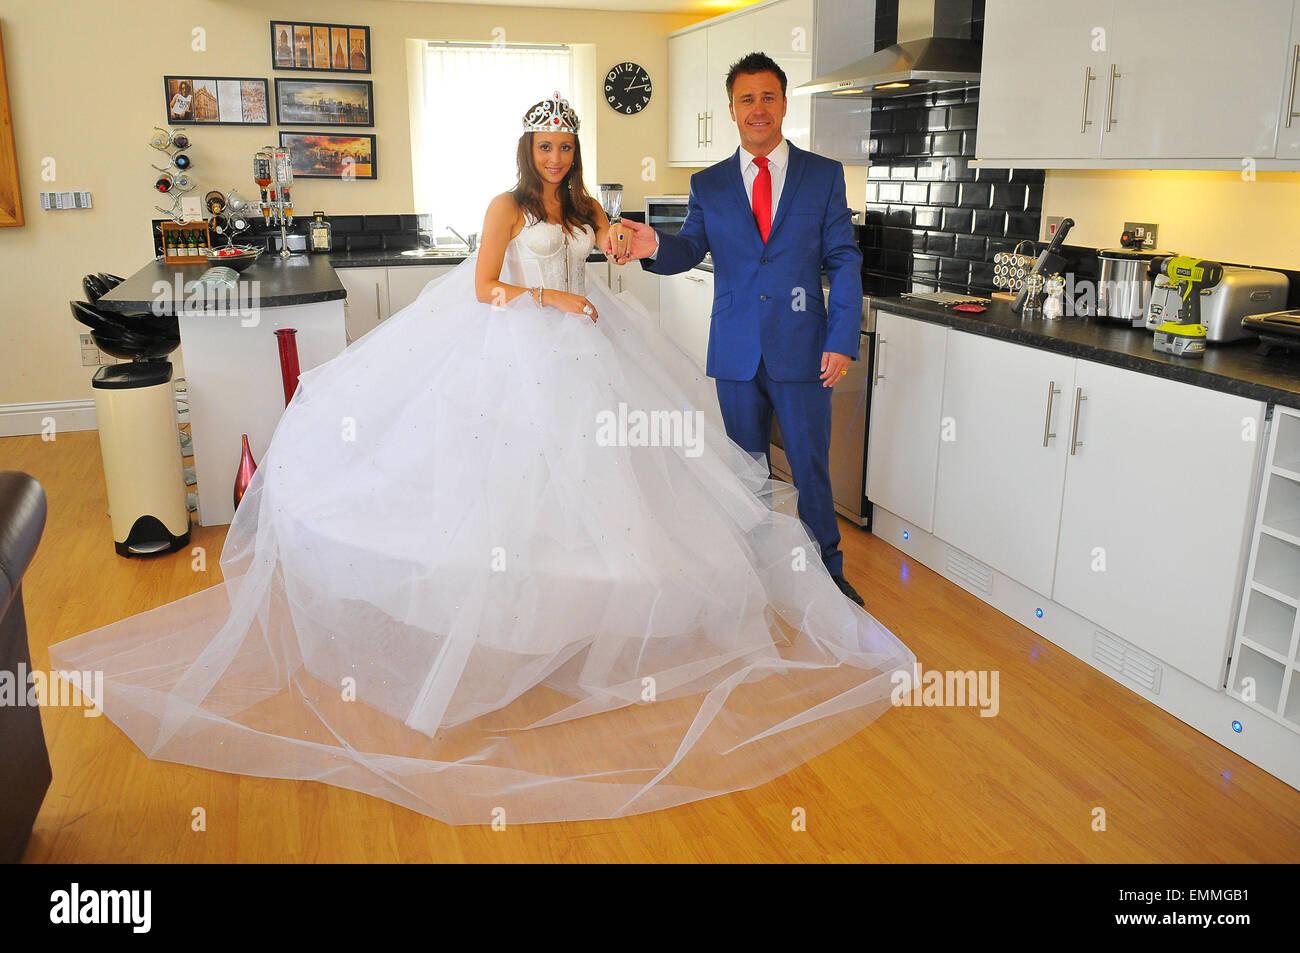 My Big Fat Gypsy Wedding Stockfotos & My Big Fat Gypsy Wedding ...